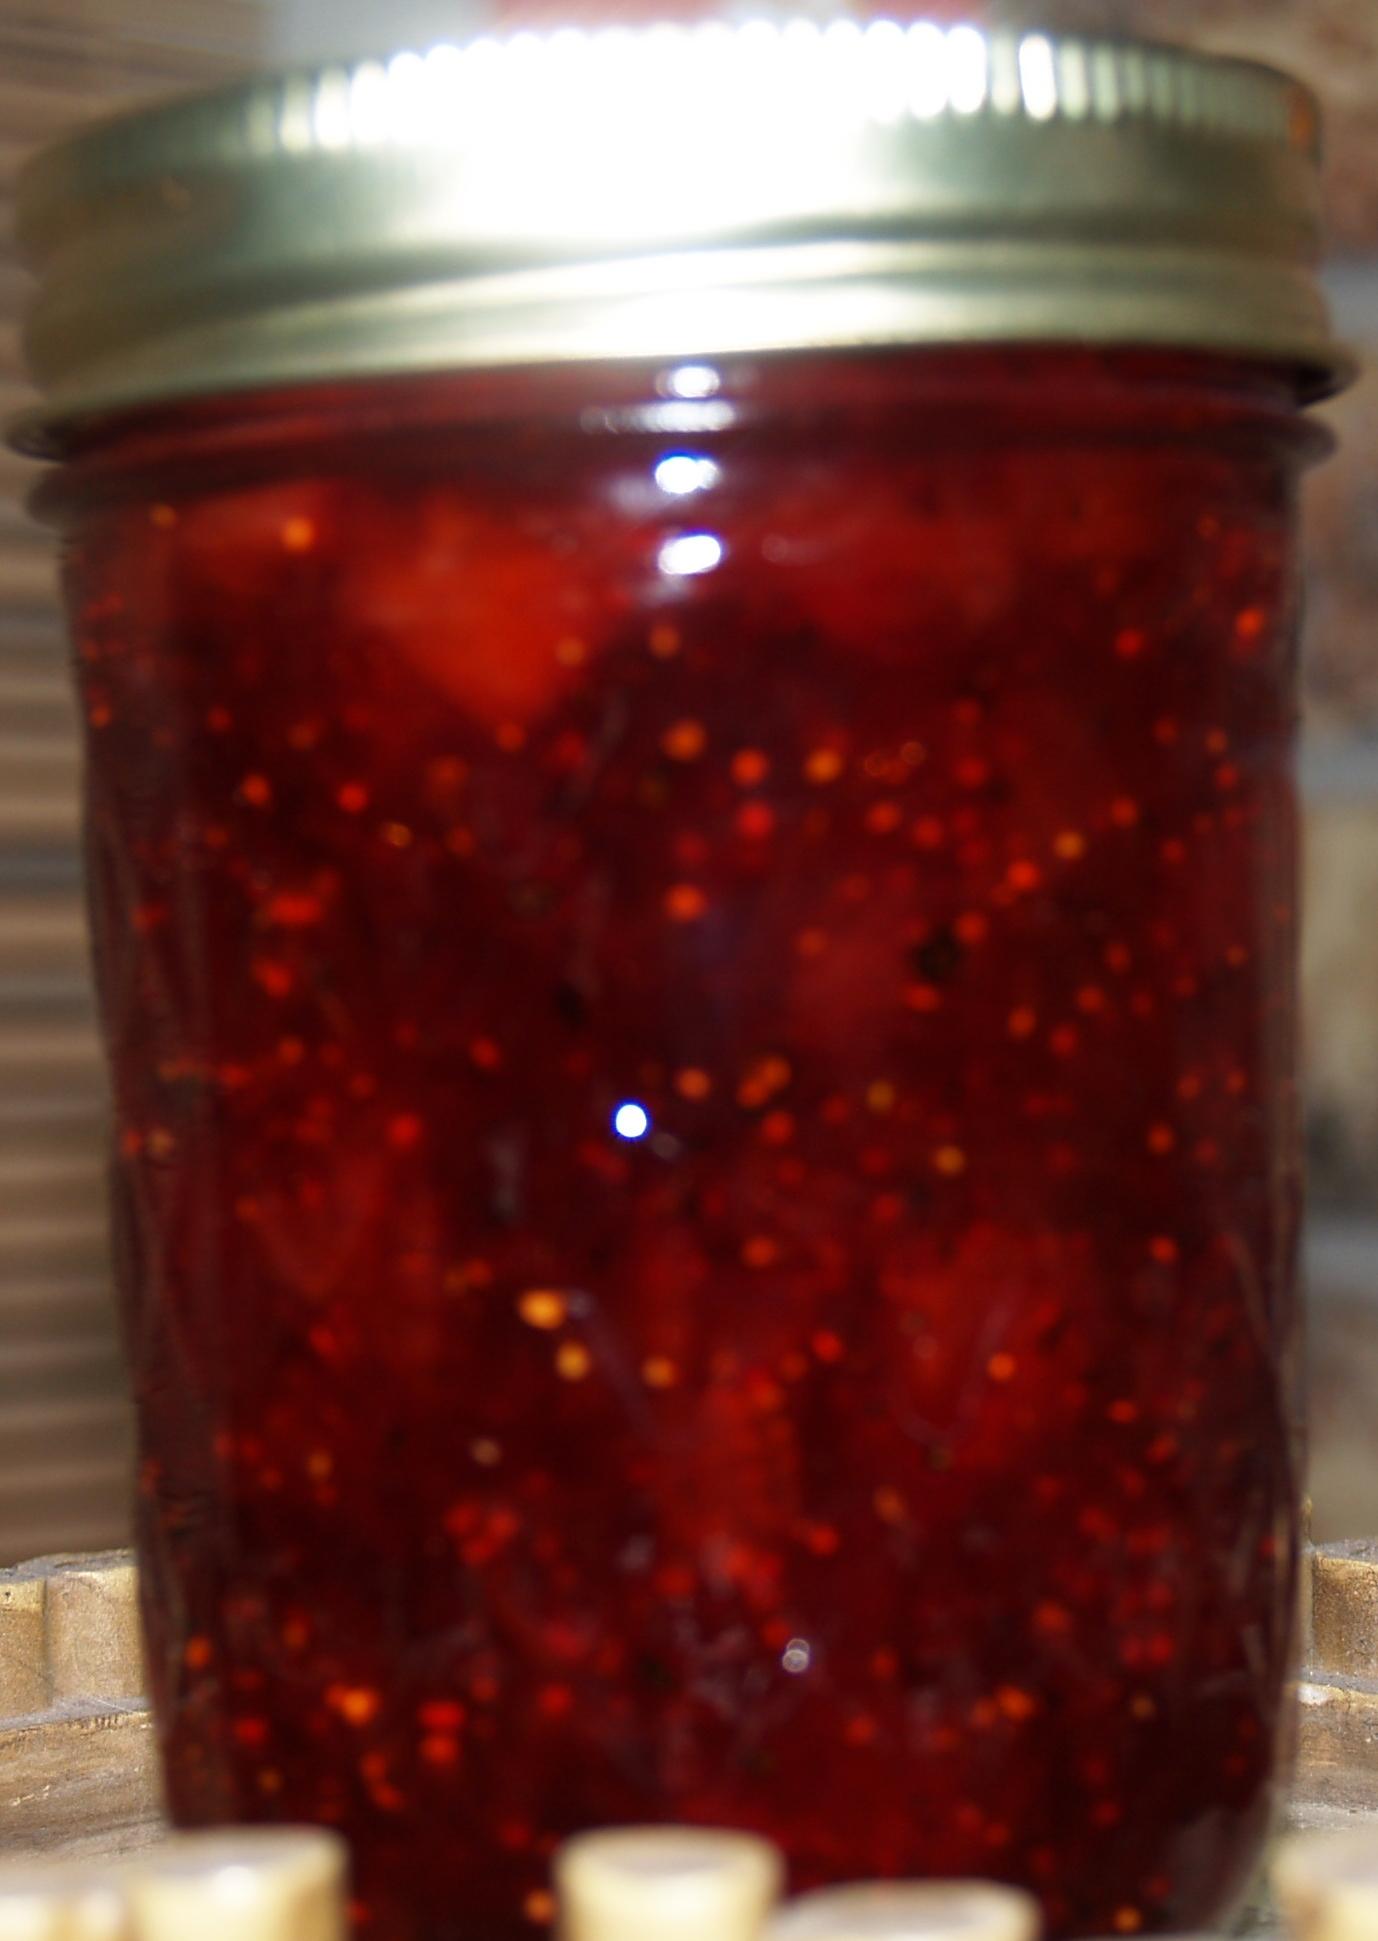 Strawberry, Balsamic Vinegar & Black Pepper Jam - Kelli's Kitchen